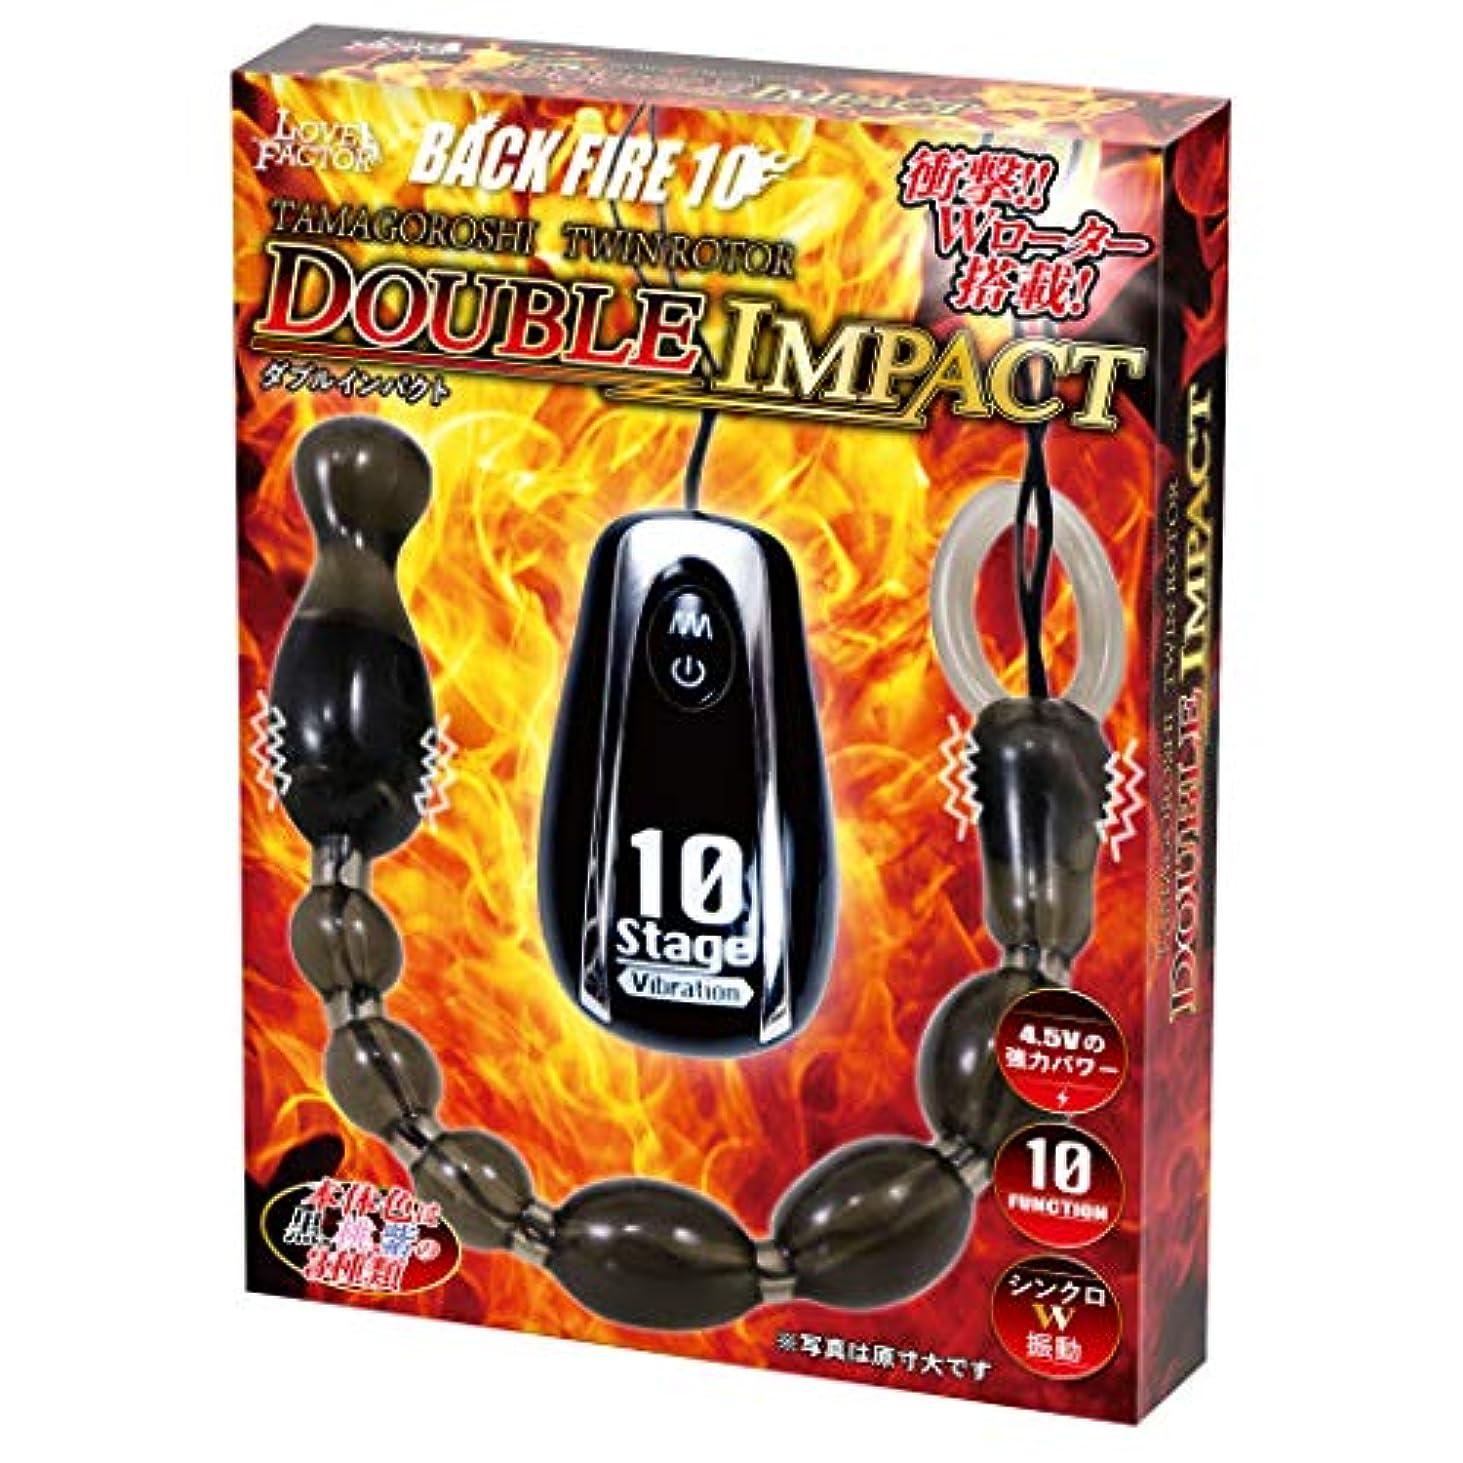 芸術的扱いやすい怒ってBACK FIRE TAMAGOROSHIツインローターダブルインパクト黒 アナル拡張 アナル開発 プラグ SM調教 携帯式 野外プレー 男女兼用